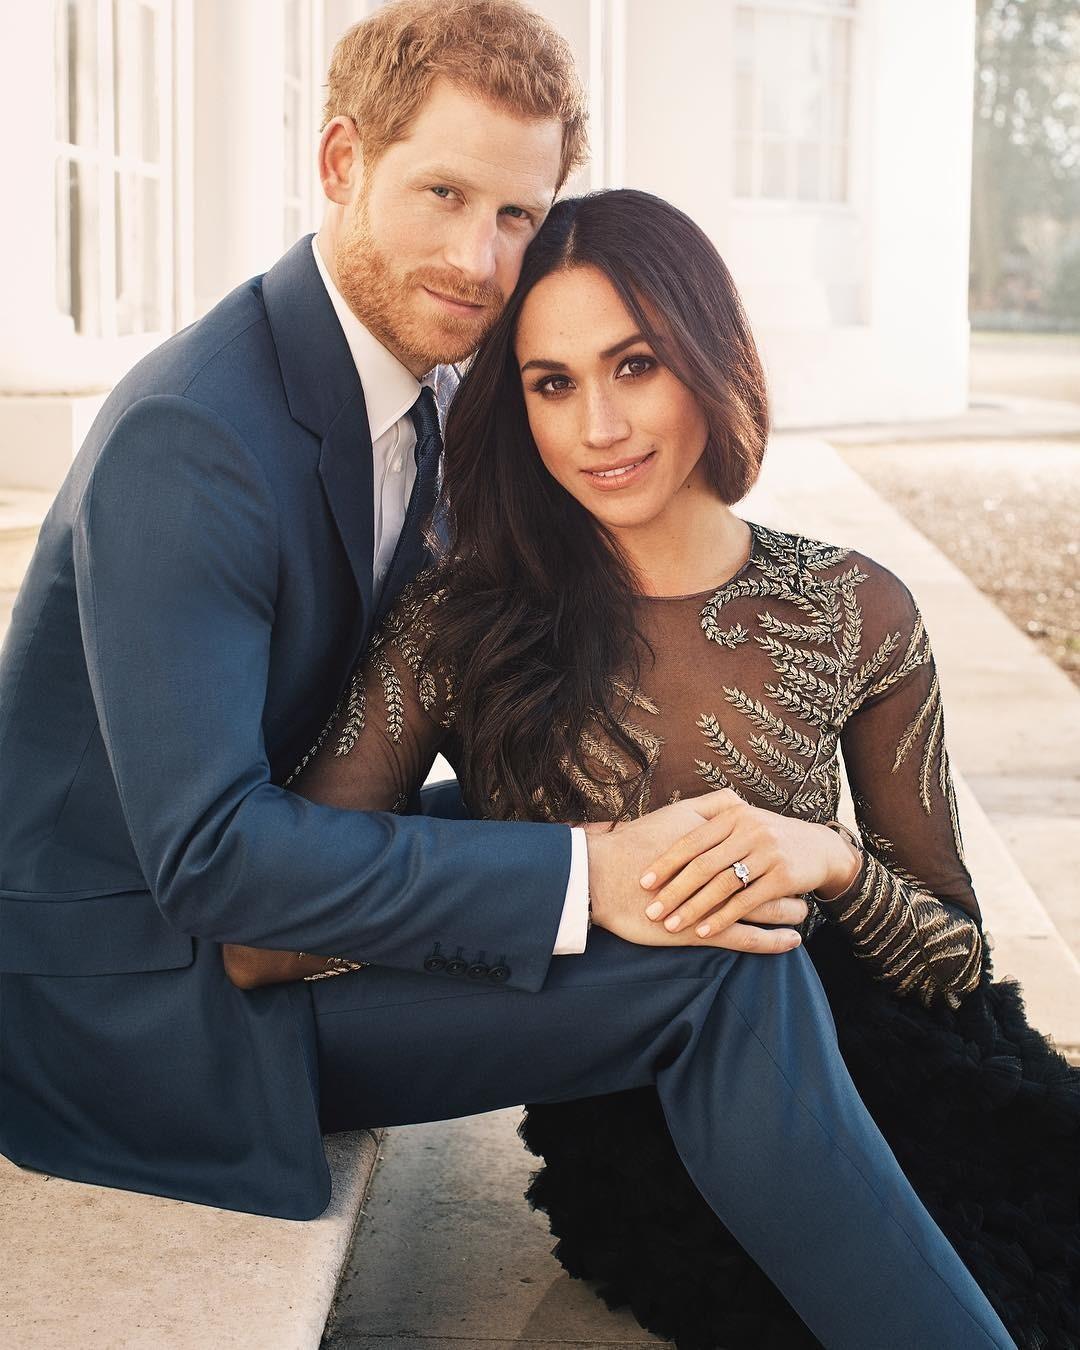 На последовавших после официального анонса фотографиях авторства Алекси Любомирски молодые люди выглядели счастливыми и влюбленными. «Эти снимки вывели королевскую сексуальность на новый...